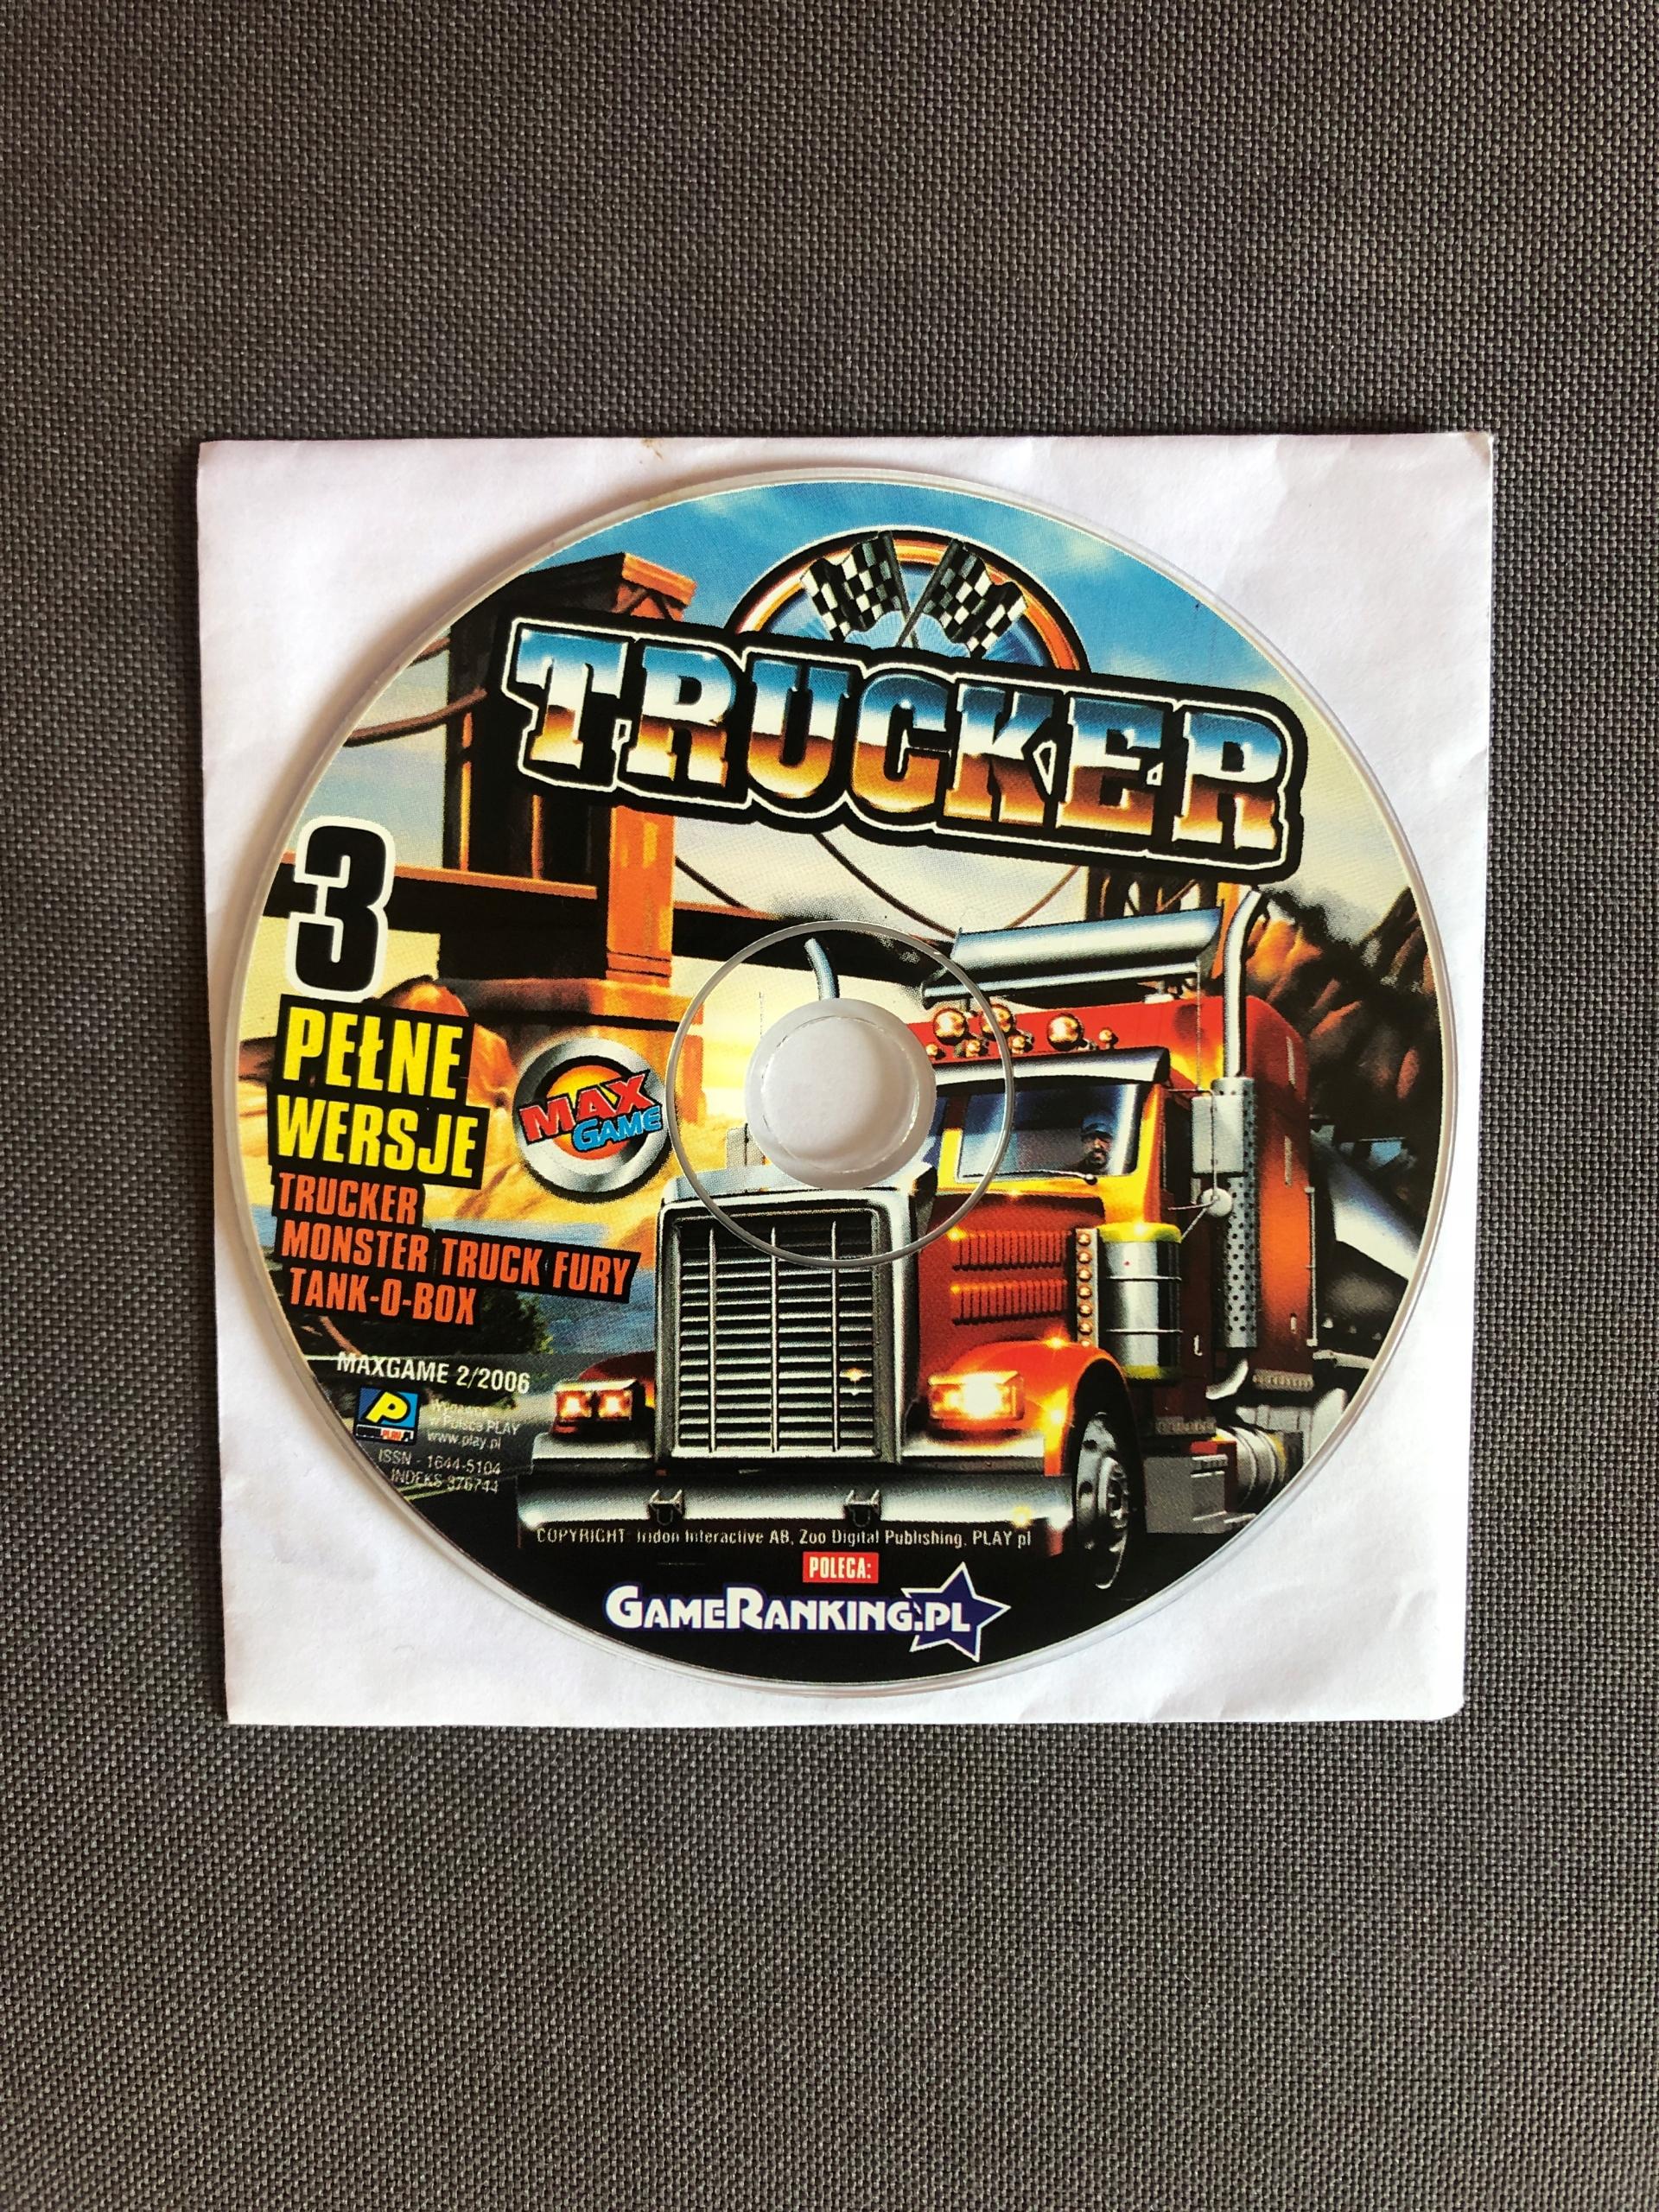 Trucker * Monster Truck Fury * Tank-O-Box 3 wersje